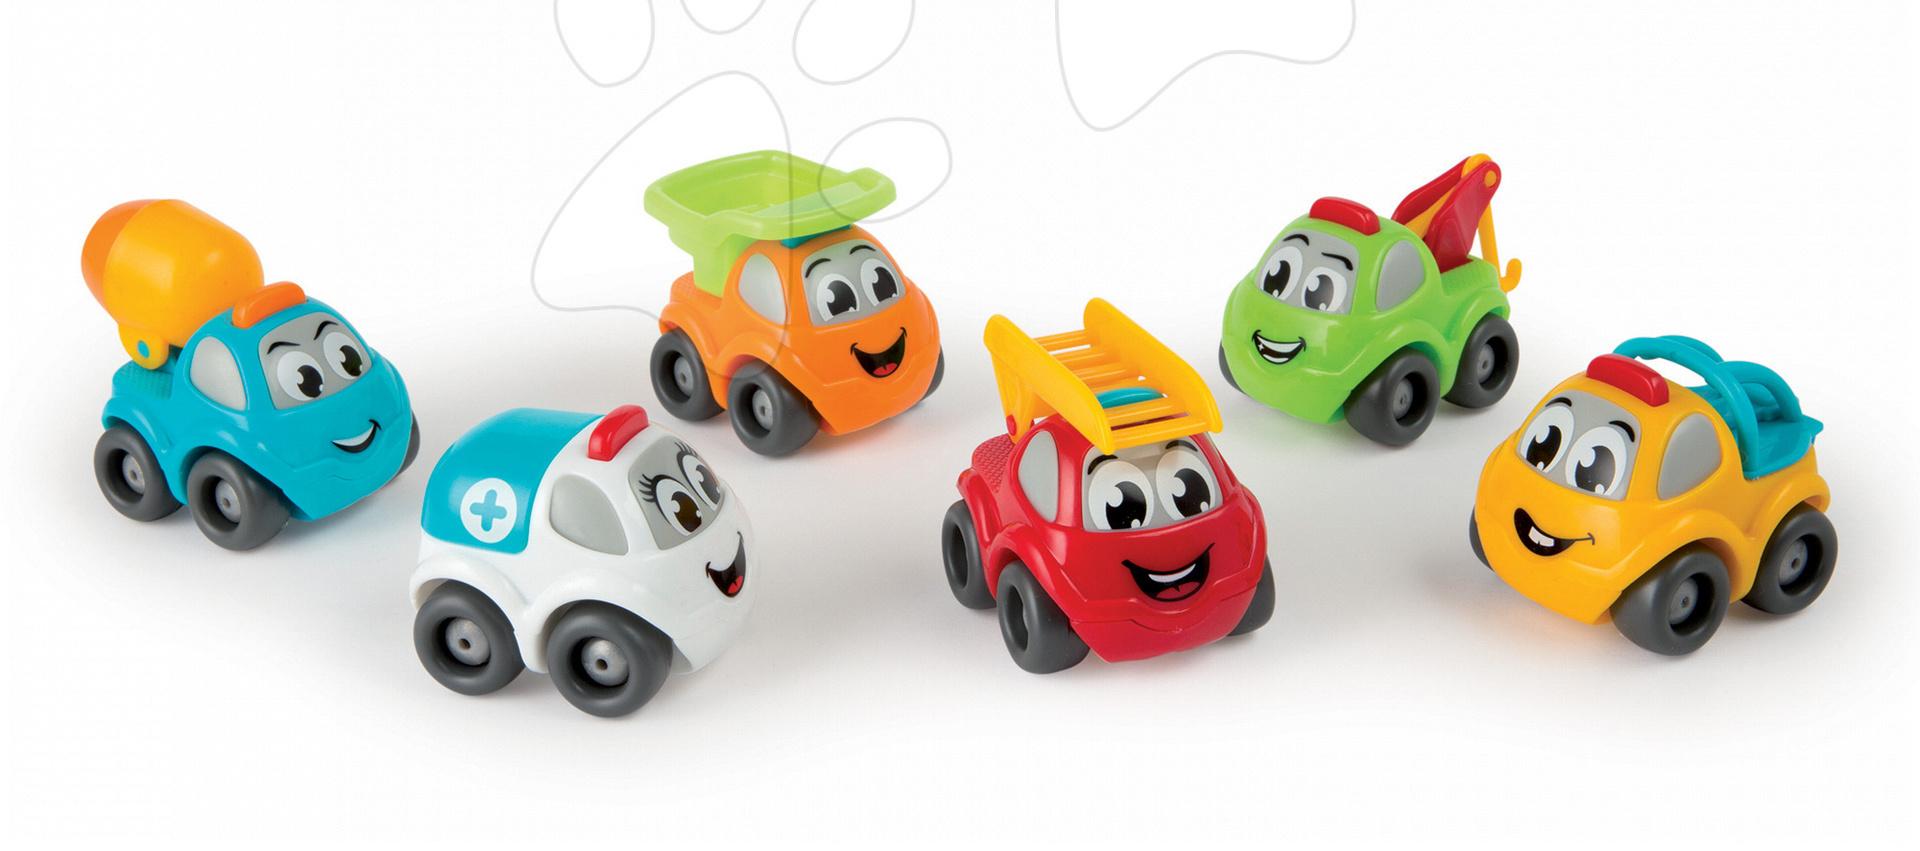 Autíčko Vroom Planet Smoby - hasiči, záchranka, míchačka, odťahovka, náklaďák, pracovní auto délka 7 cm od 12 měsíců